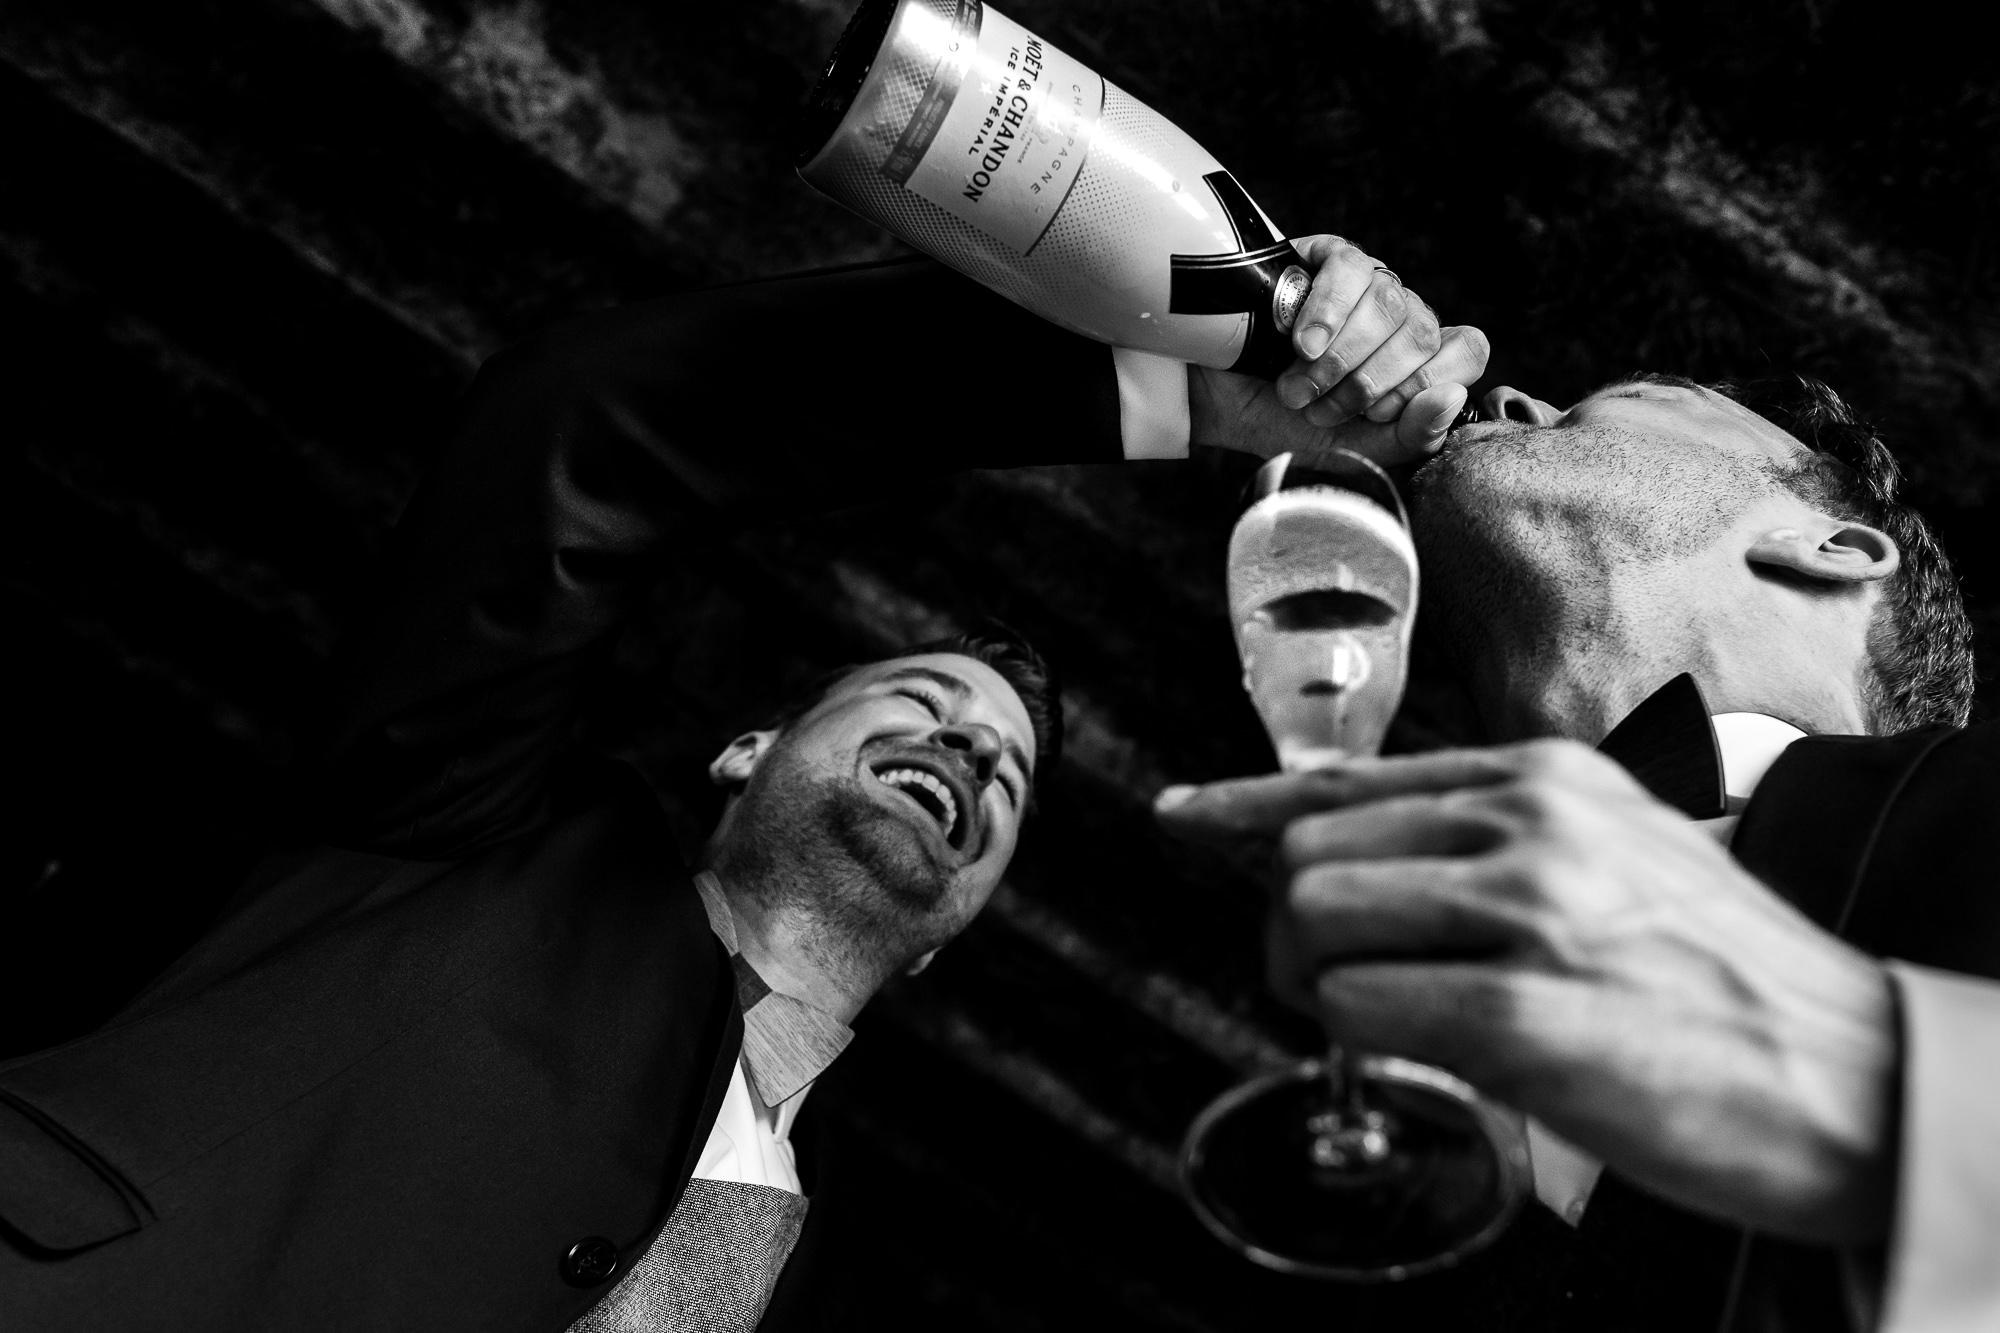 Zwart wit foto van bruidegom die schenkt champagne vanuit de fles bij zijn aanstaande